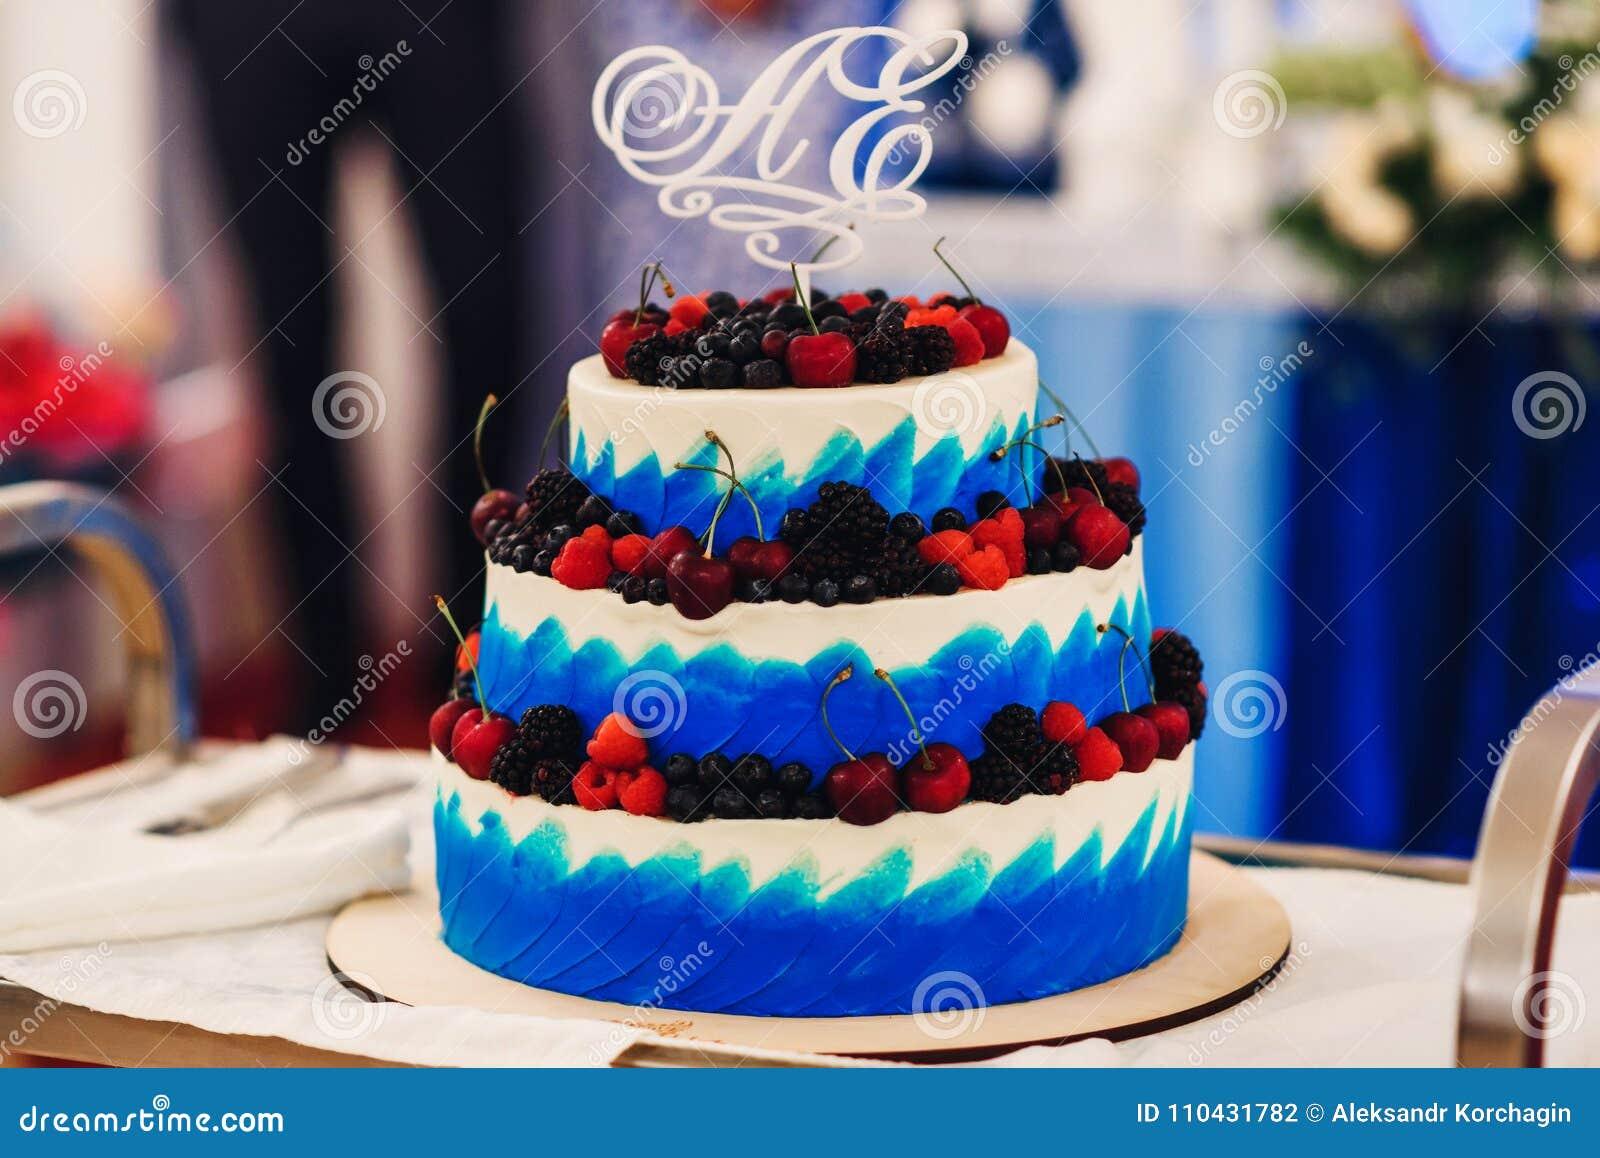 Hochzeitstorte In Der Weissen Blauen Glasur Mit Frischen